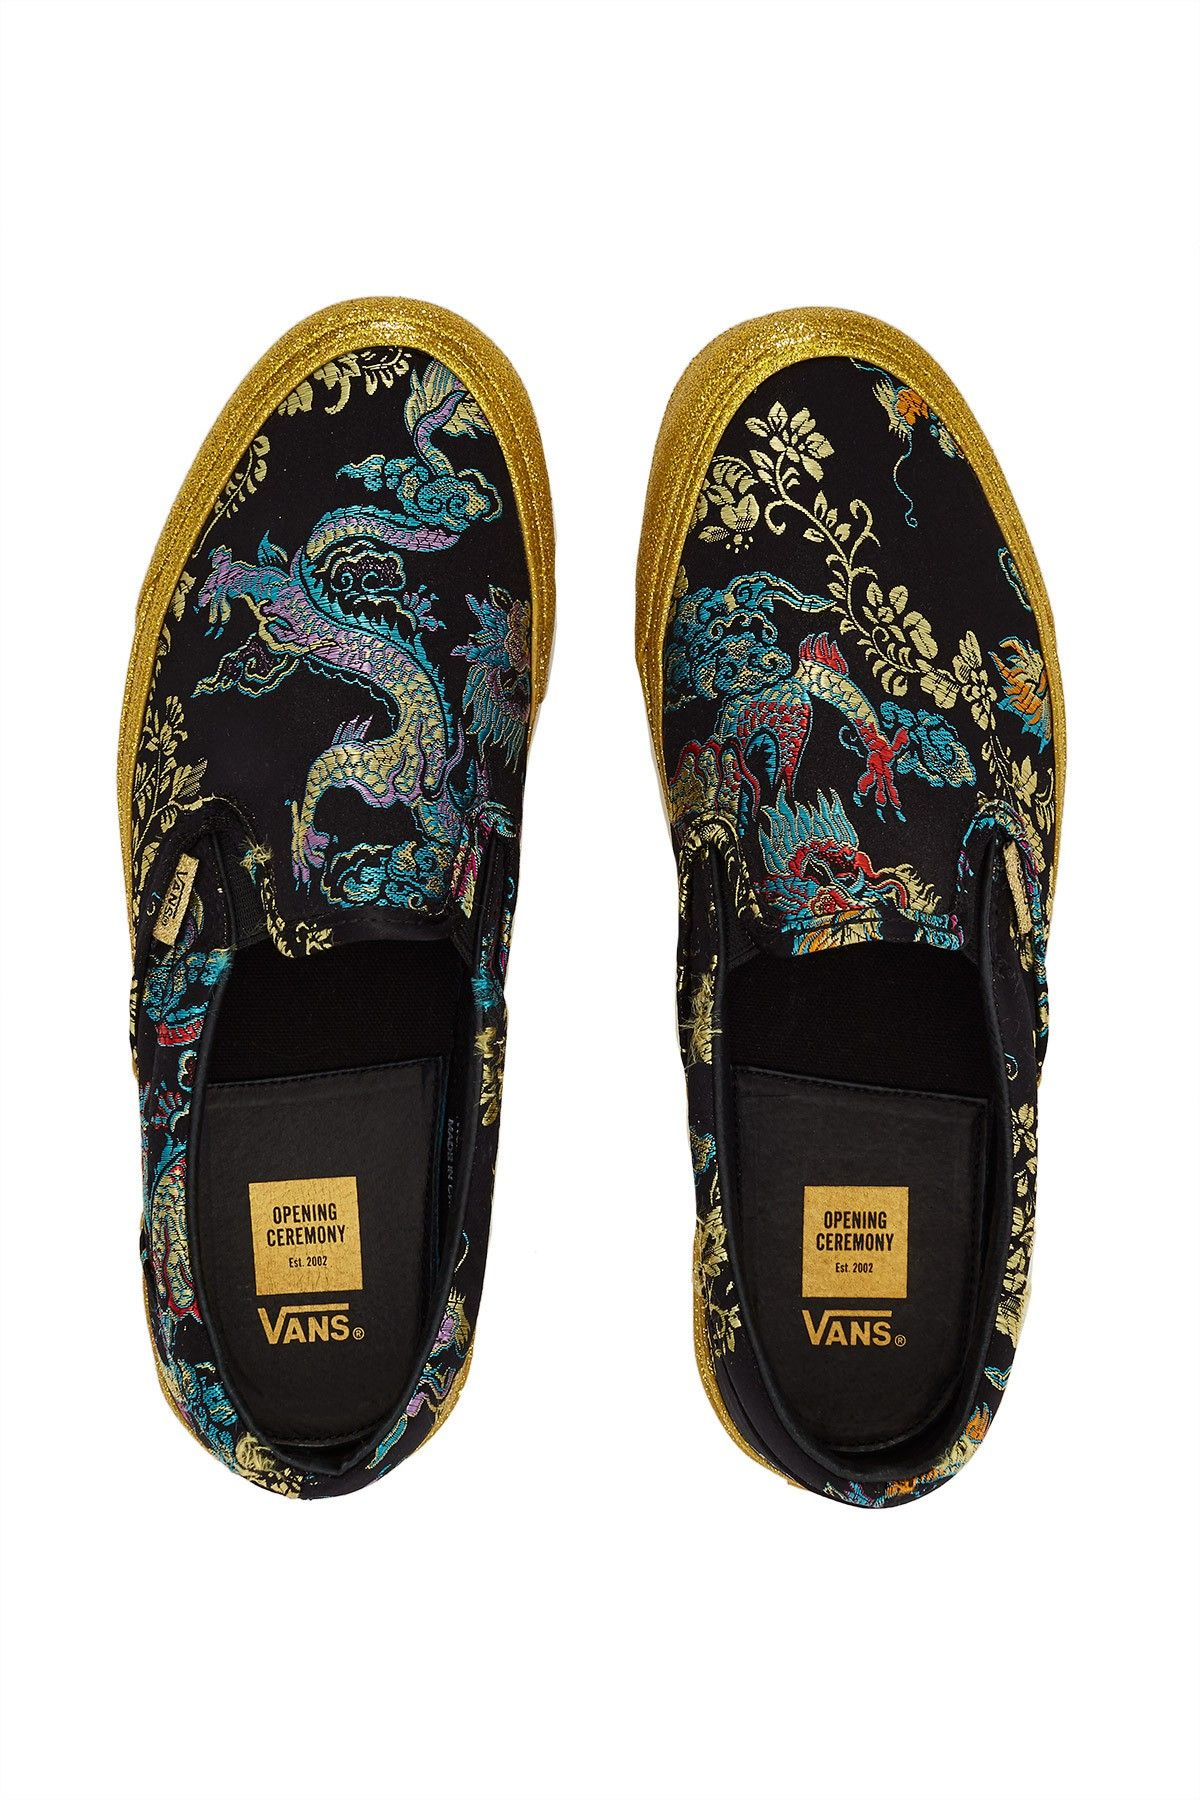 7eef06a60b0 Opening Ceremony Vans For Good Luck OG Classic Slip-On LX Sneaker ...